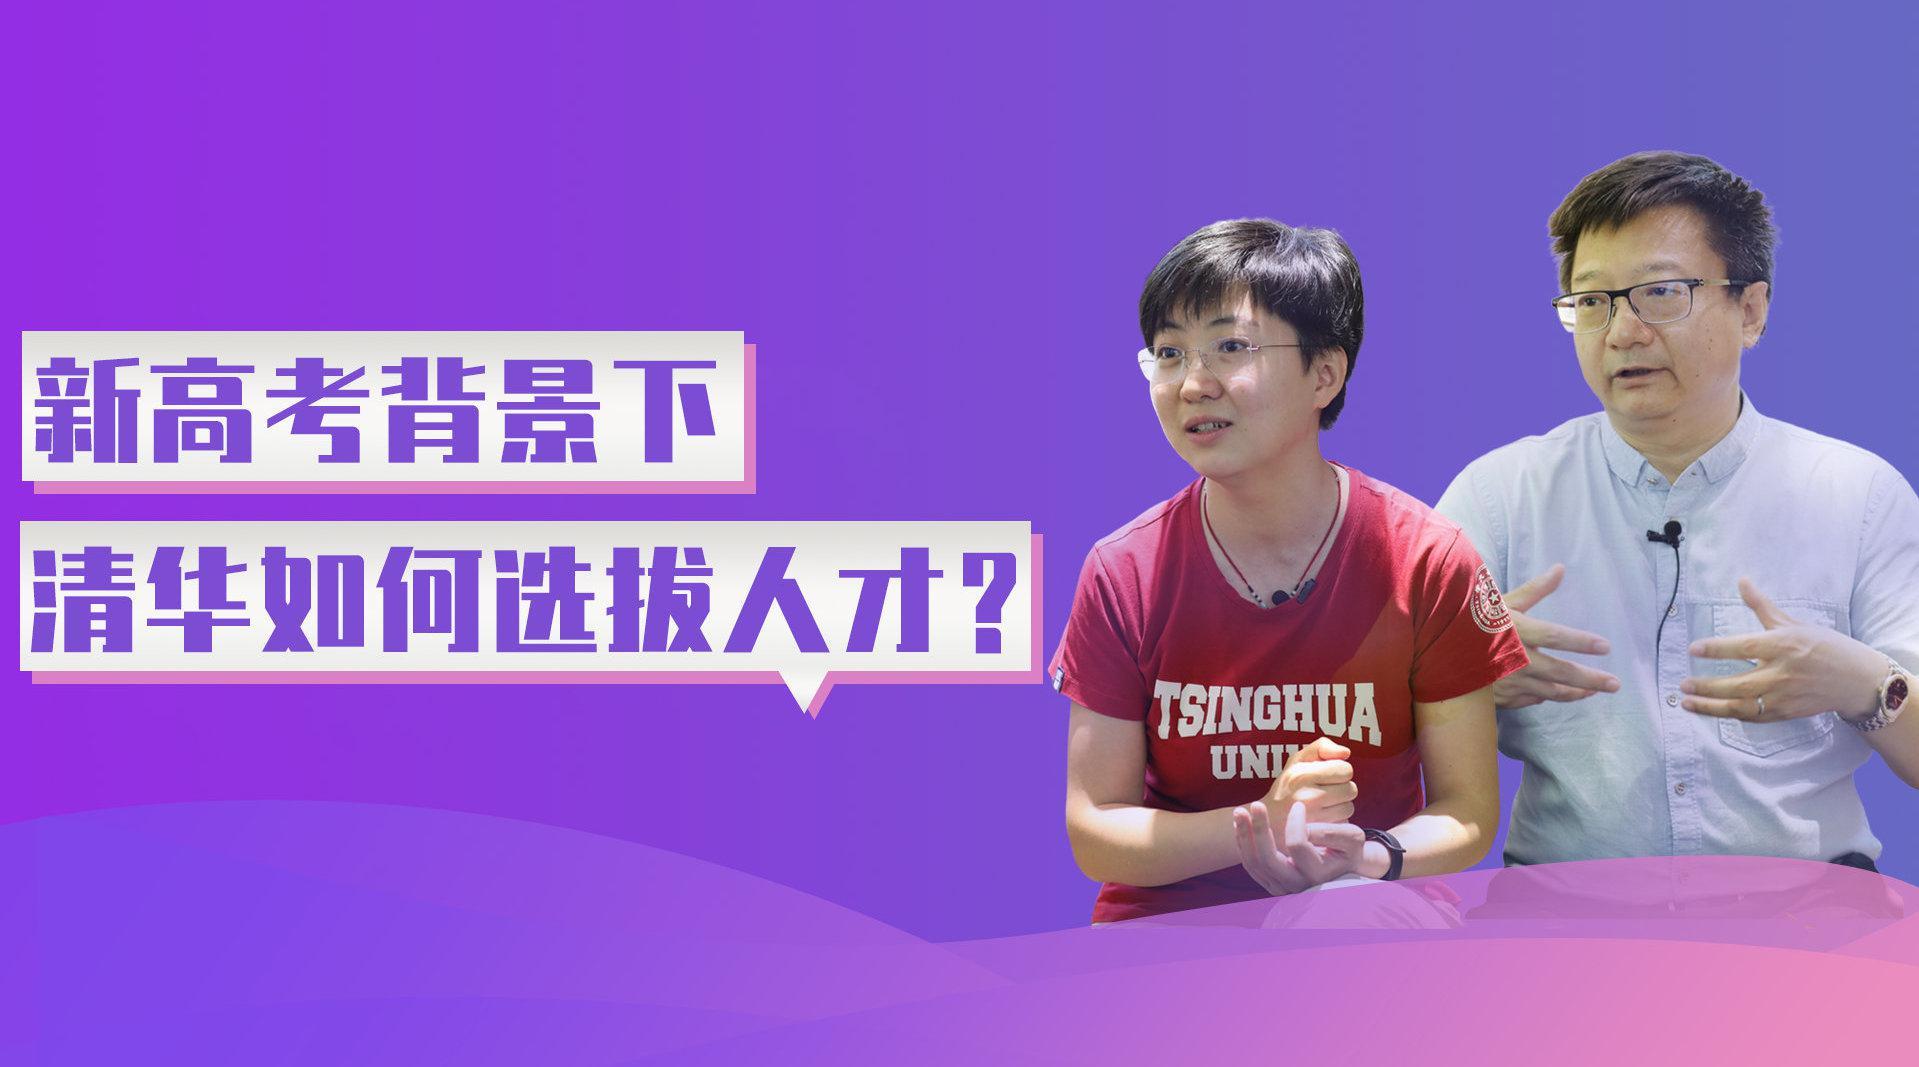 中国教育在线独家采访@清华大学 招生办公室主任余潇潇……